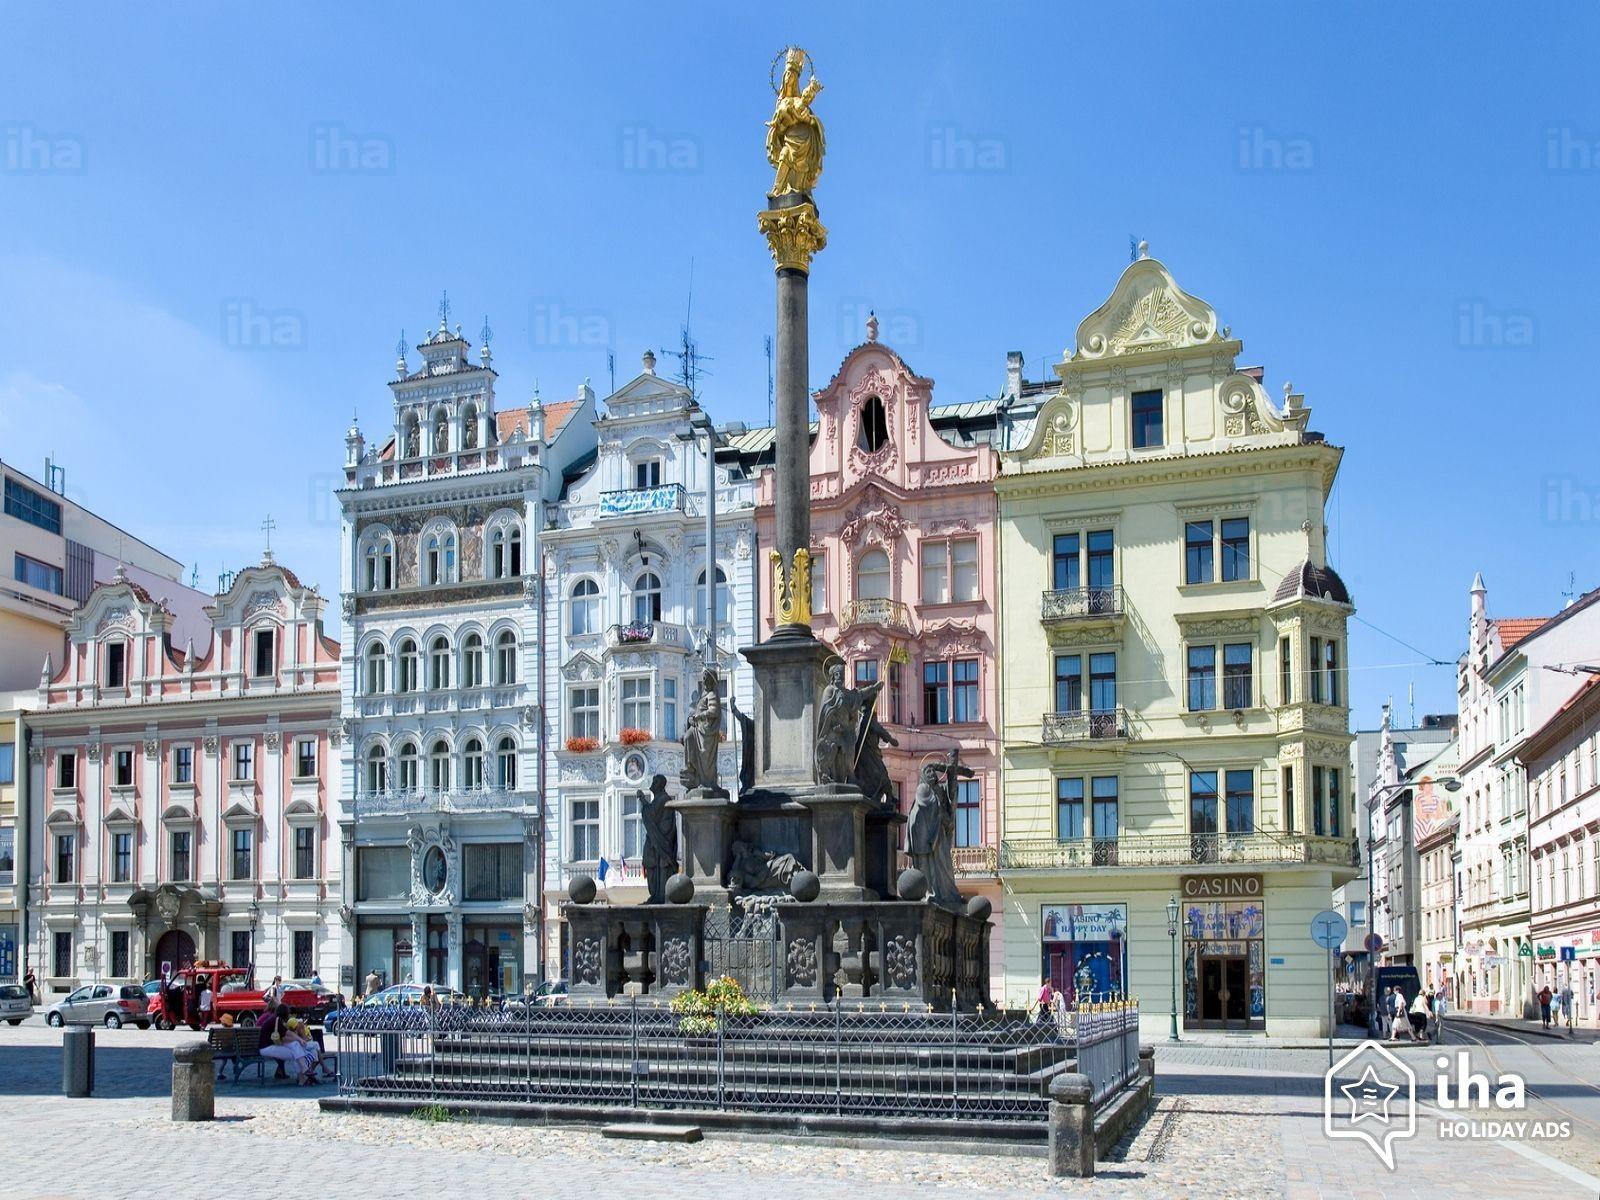 Doświadczenie Erasmus w Pilźnie, Czechy według Mehmetcan